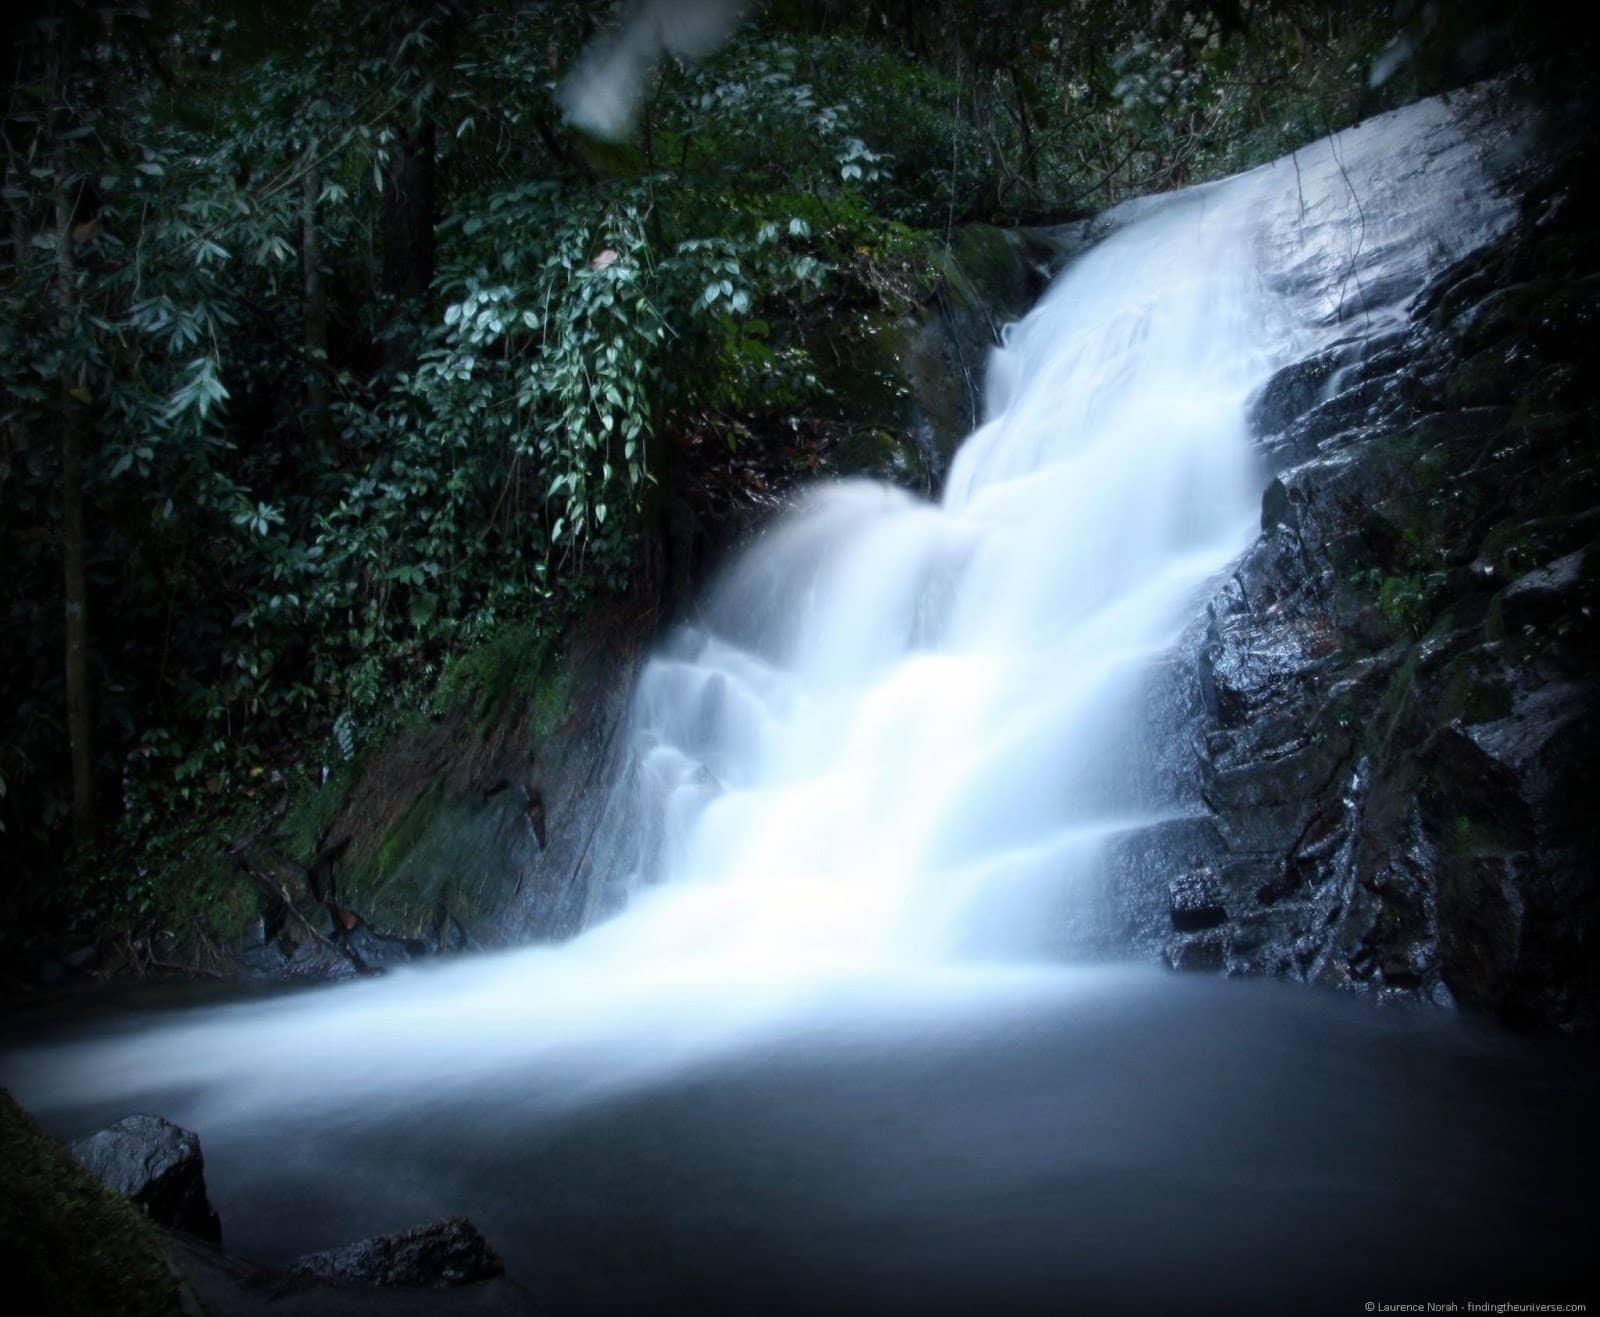 Doi Inthanon waterfall close up